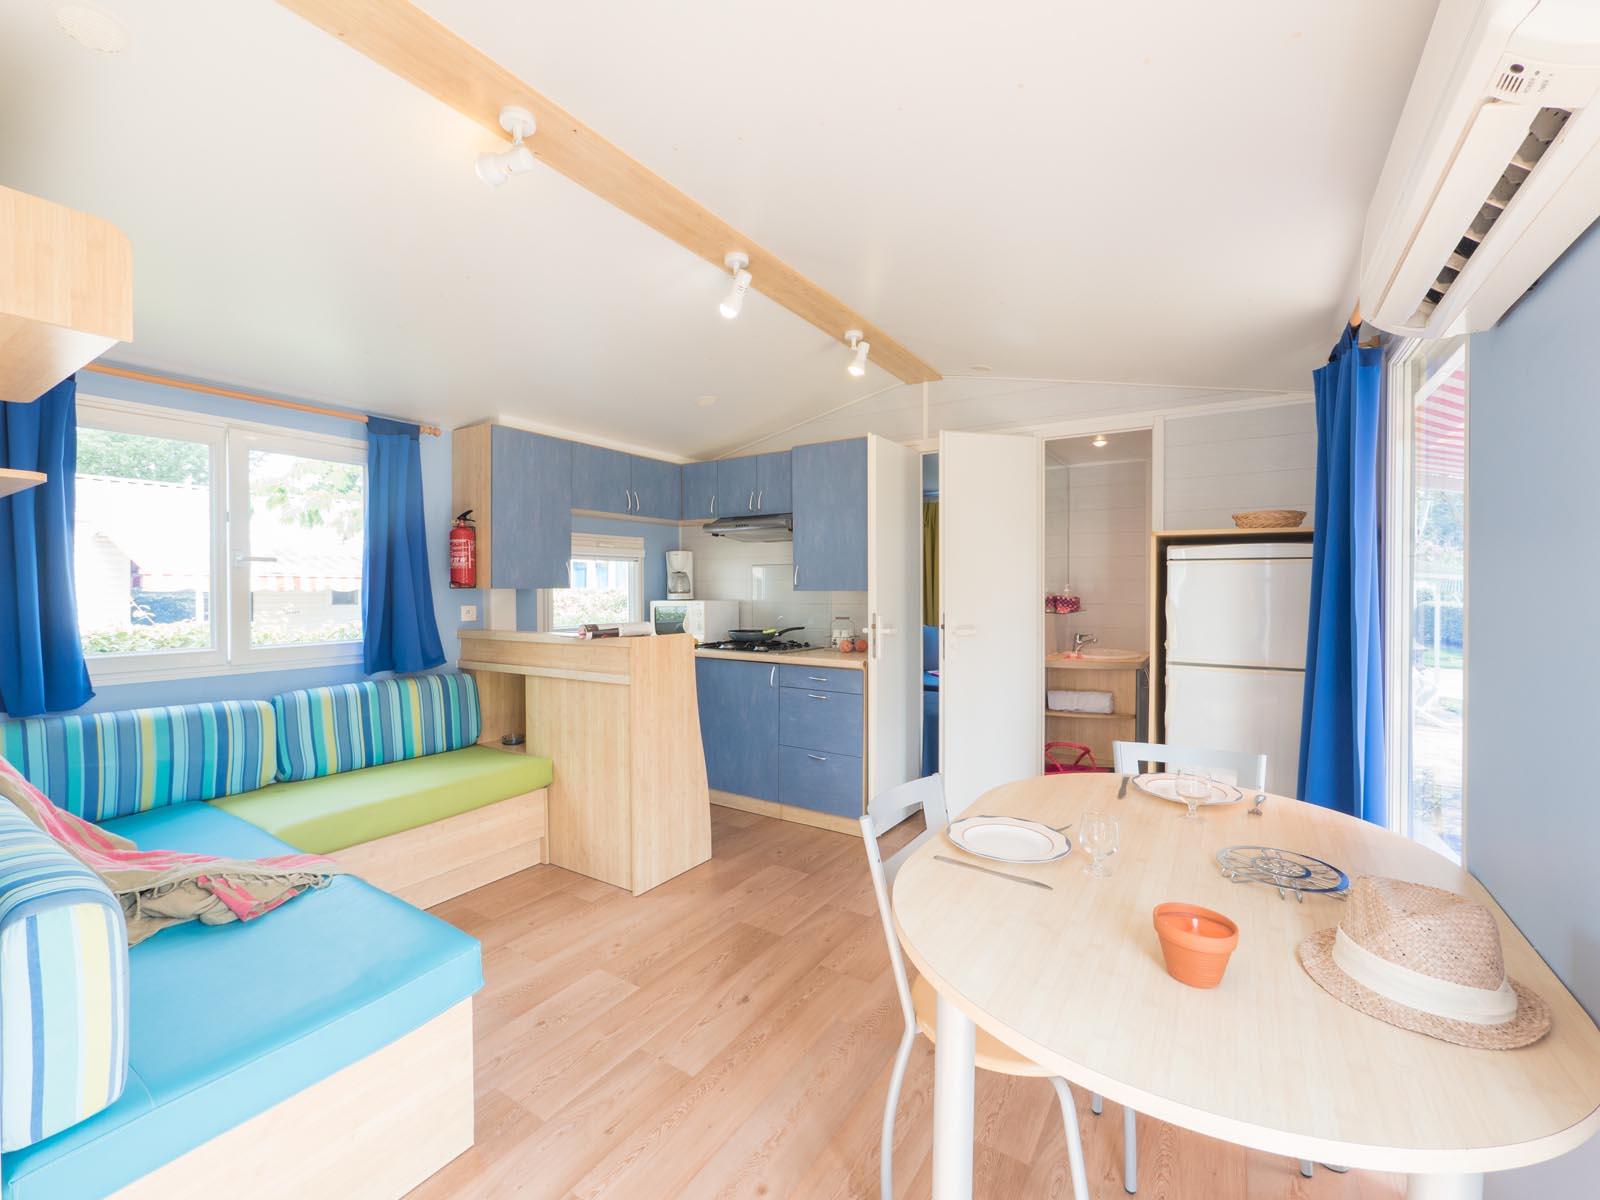 Salon, cuisine et salle à manger dans mobilhome